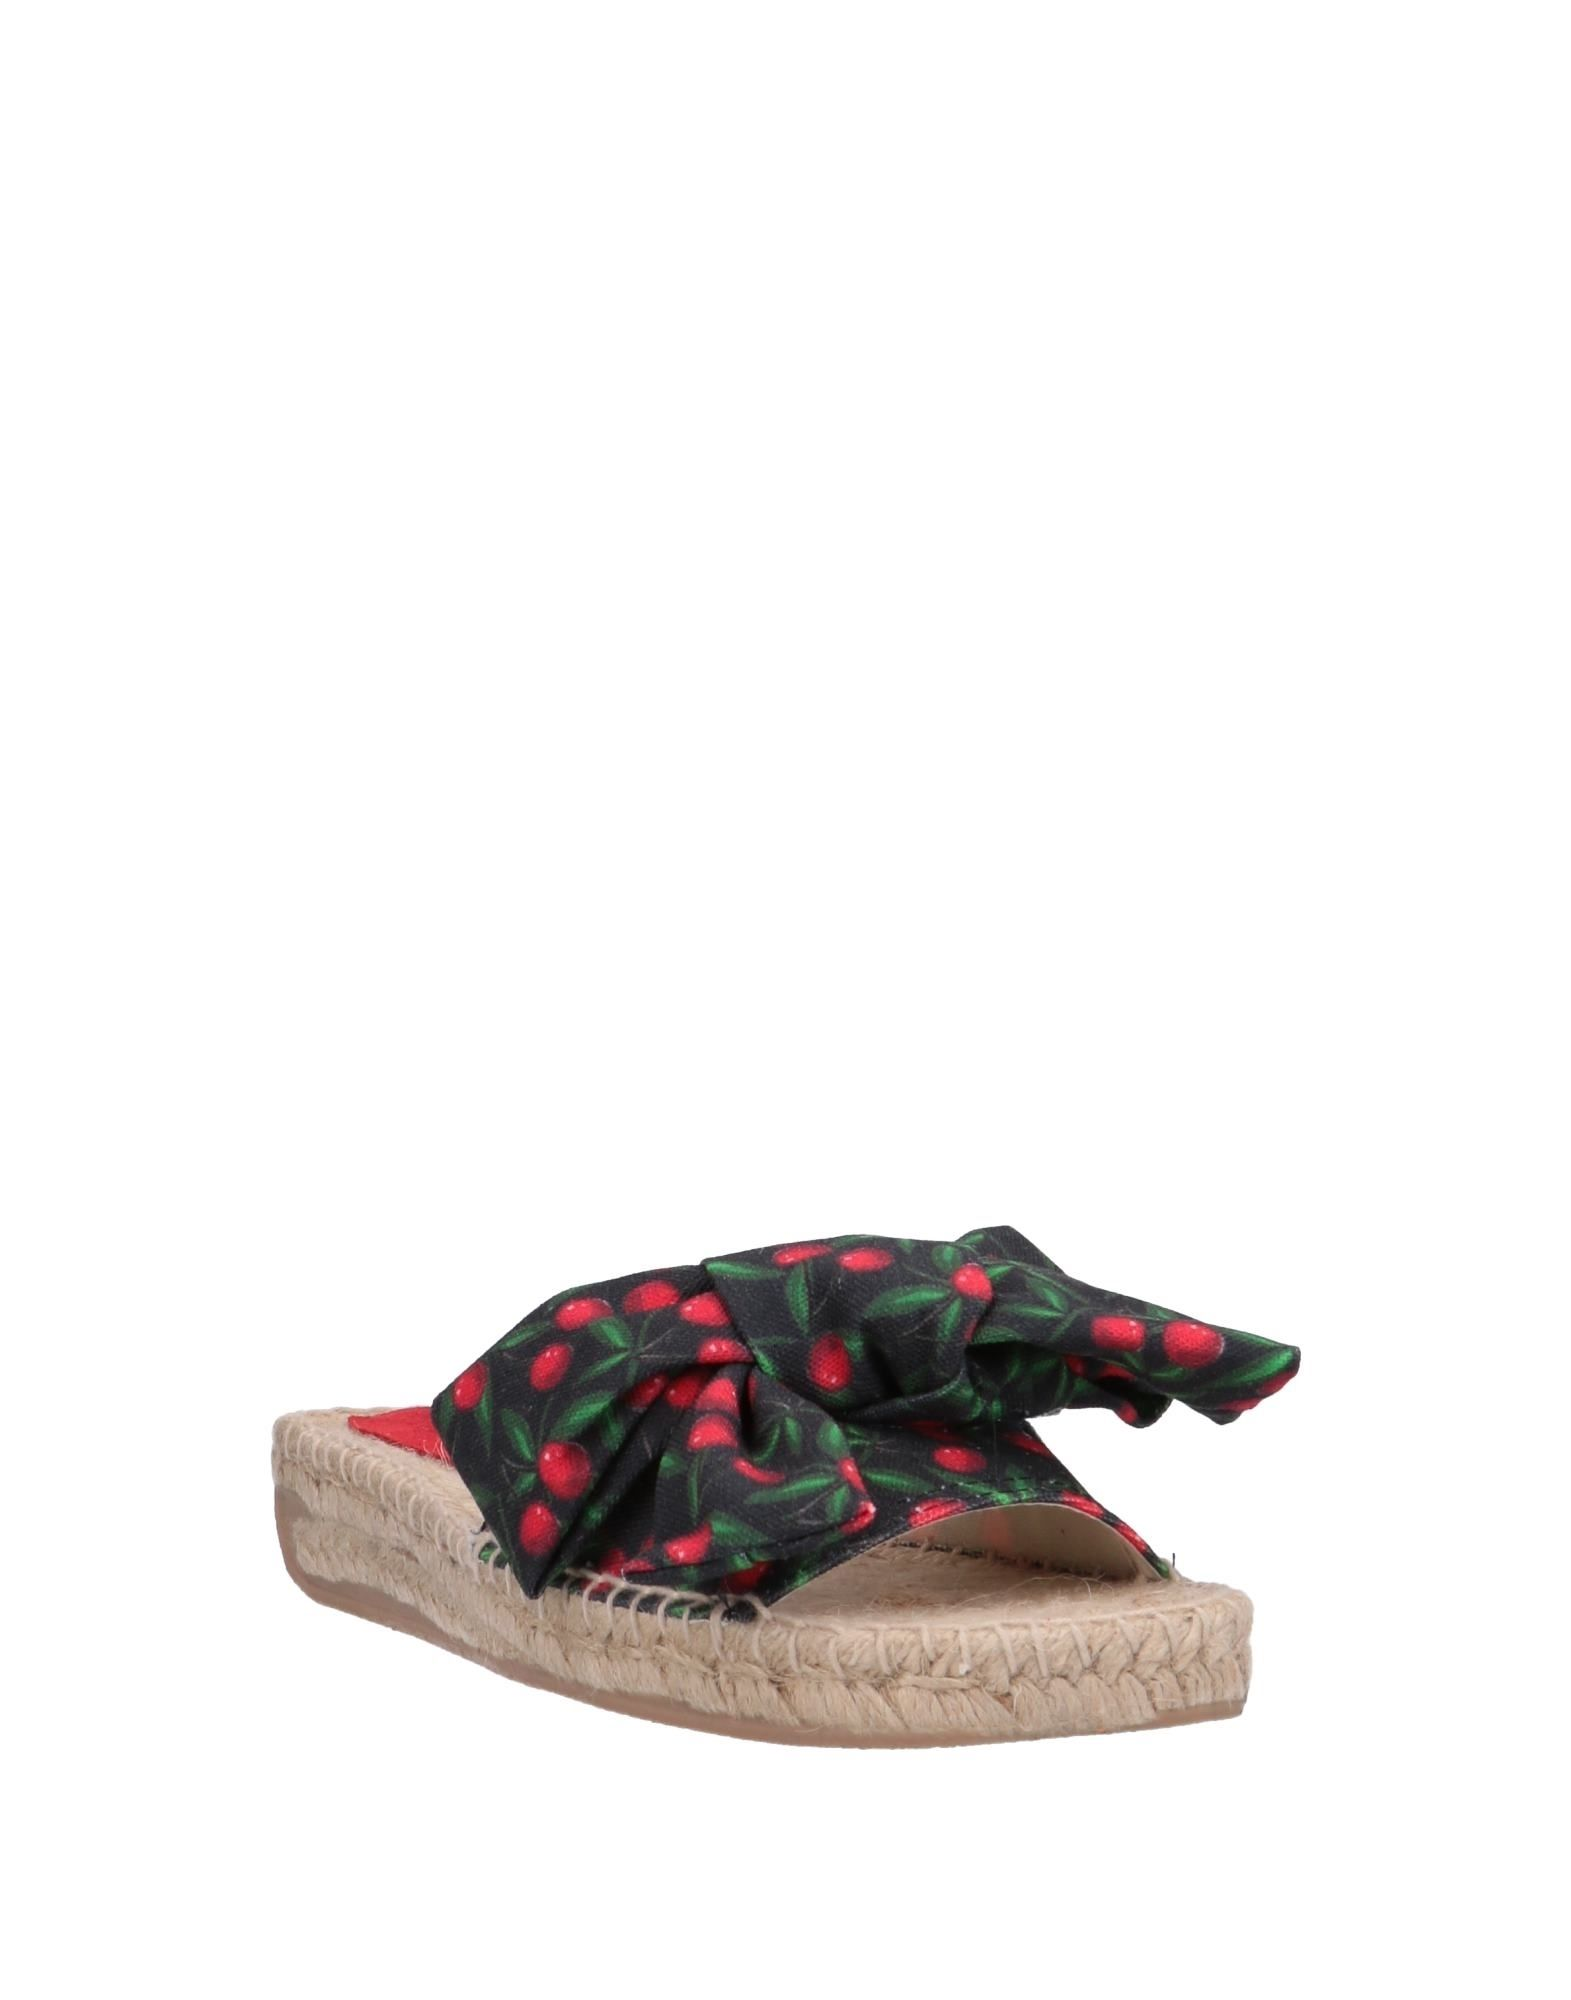 jeffrey campbell sandales sandales sandales - femmes jeffrey campbell sandales en ligne sur l'australie - 11565276ke f0dde3